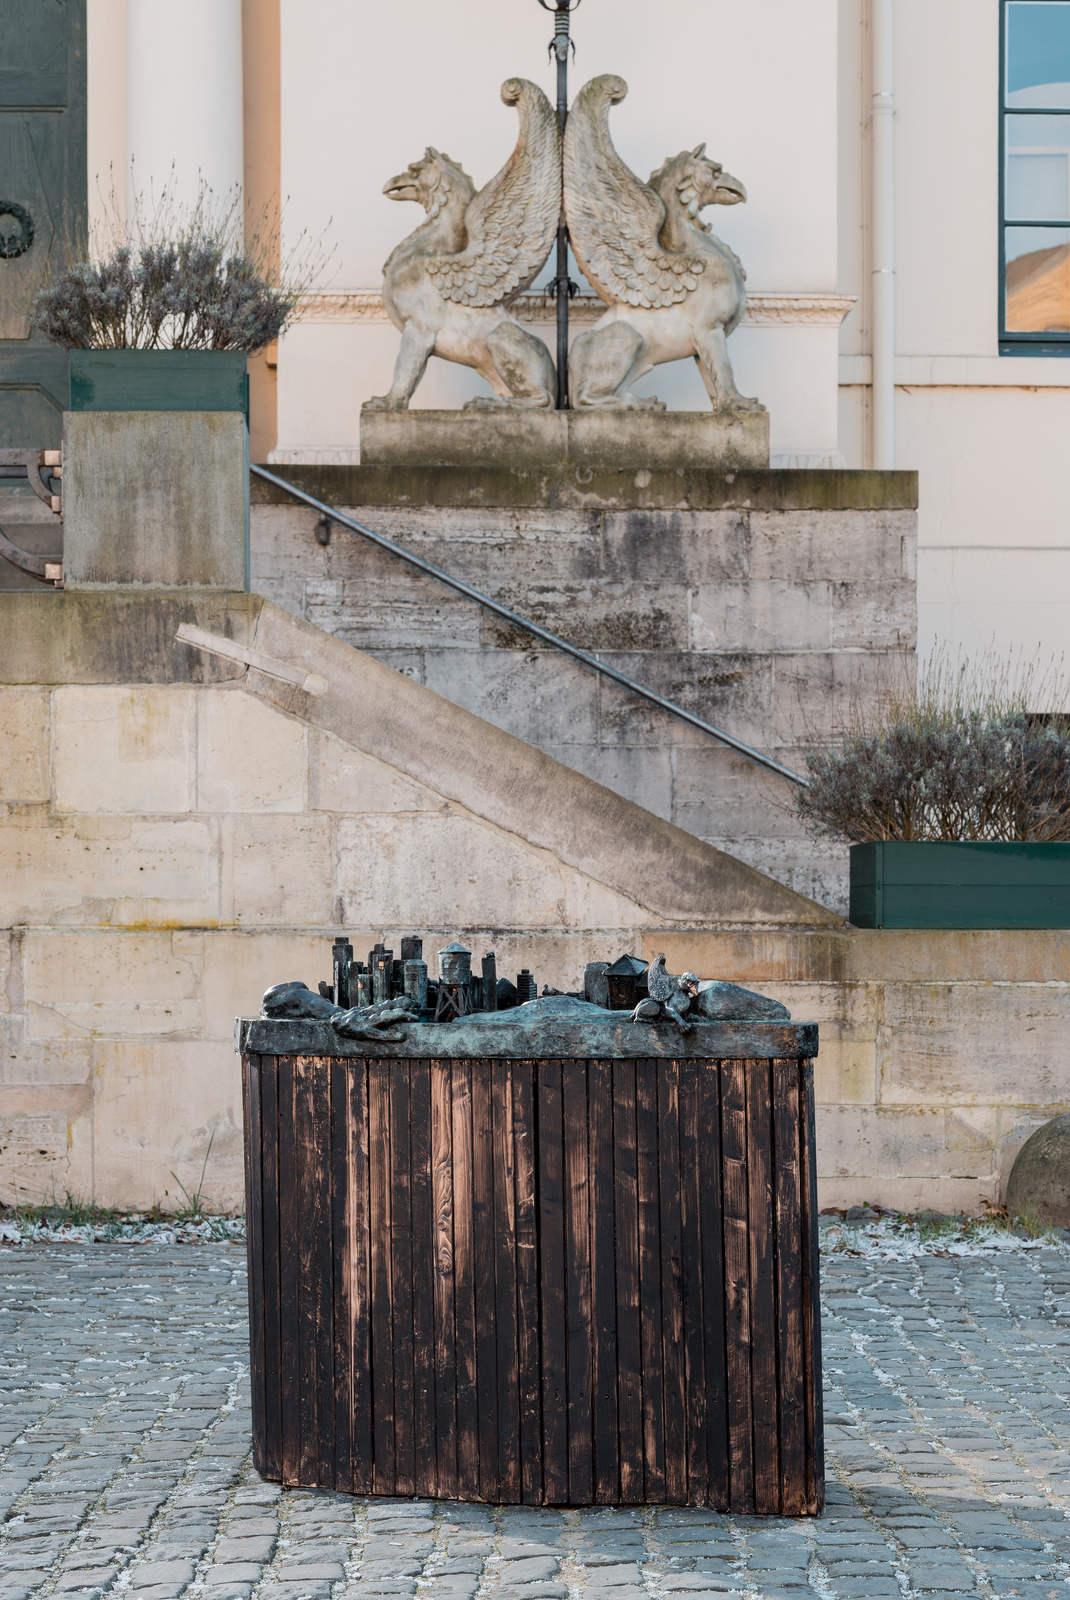 Lena Henke at Kunstverein Braunschweig_02